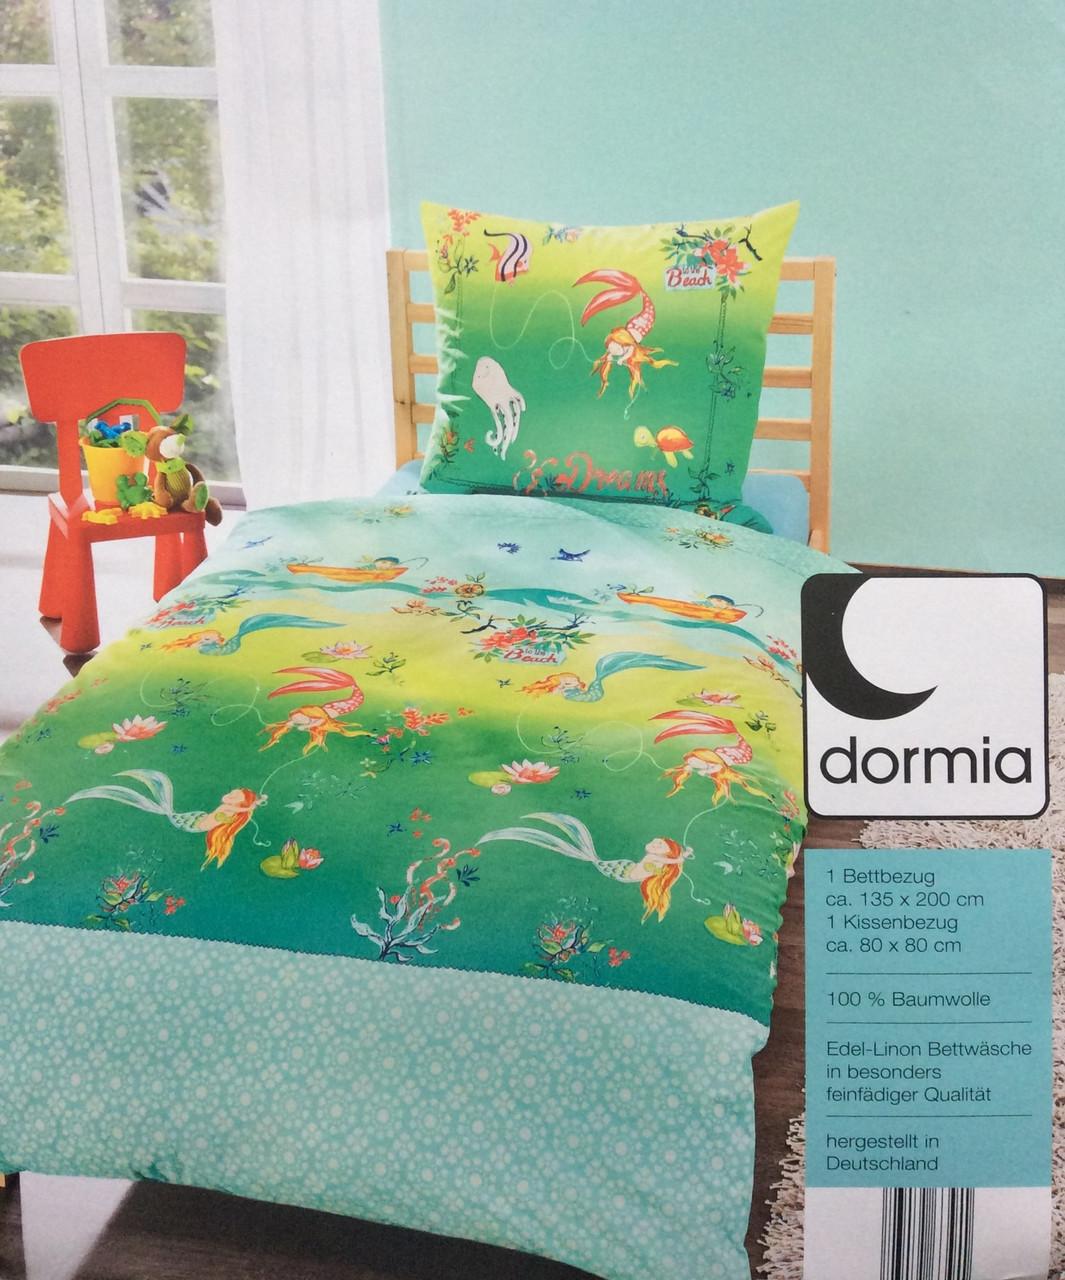 односпальный комплект детского постельного белья Dormia цена 950